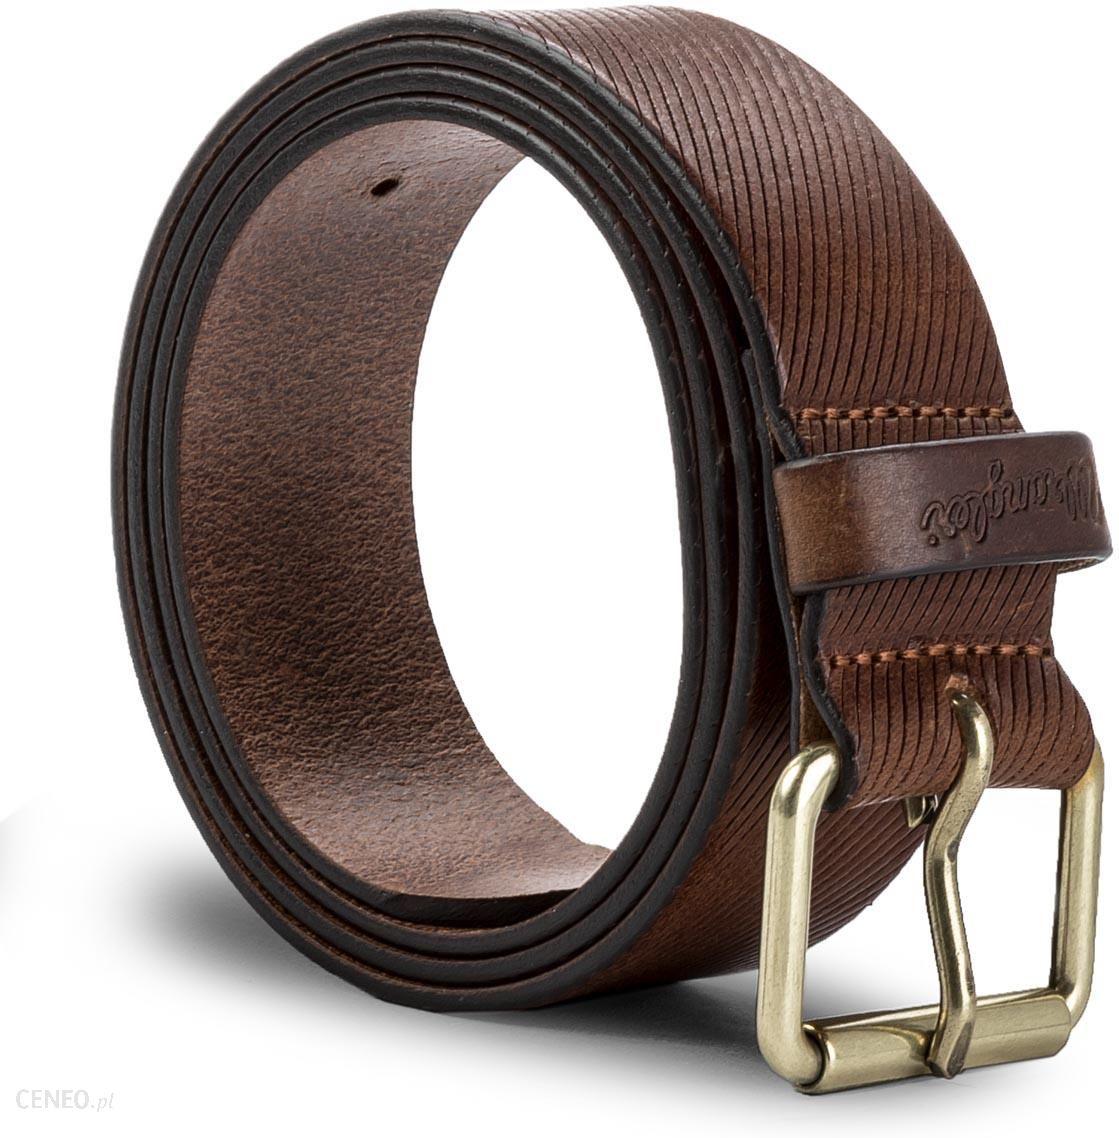 d8ce52ec88cd01 Pasek Męski WRANGLER - Roller Belt W0B40U181 100 Cognac - Ceny i ...